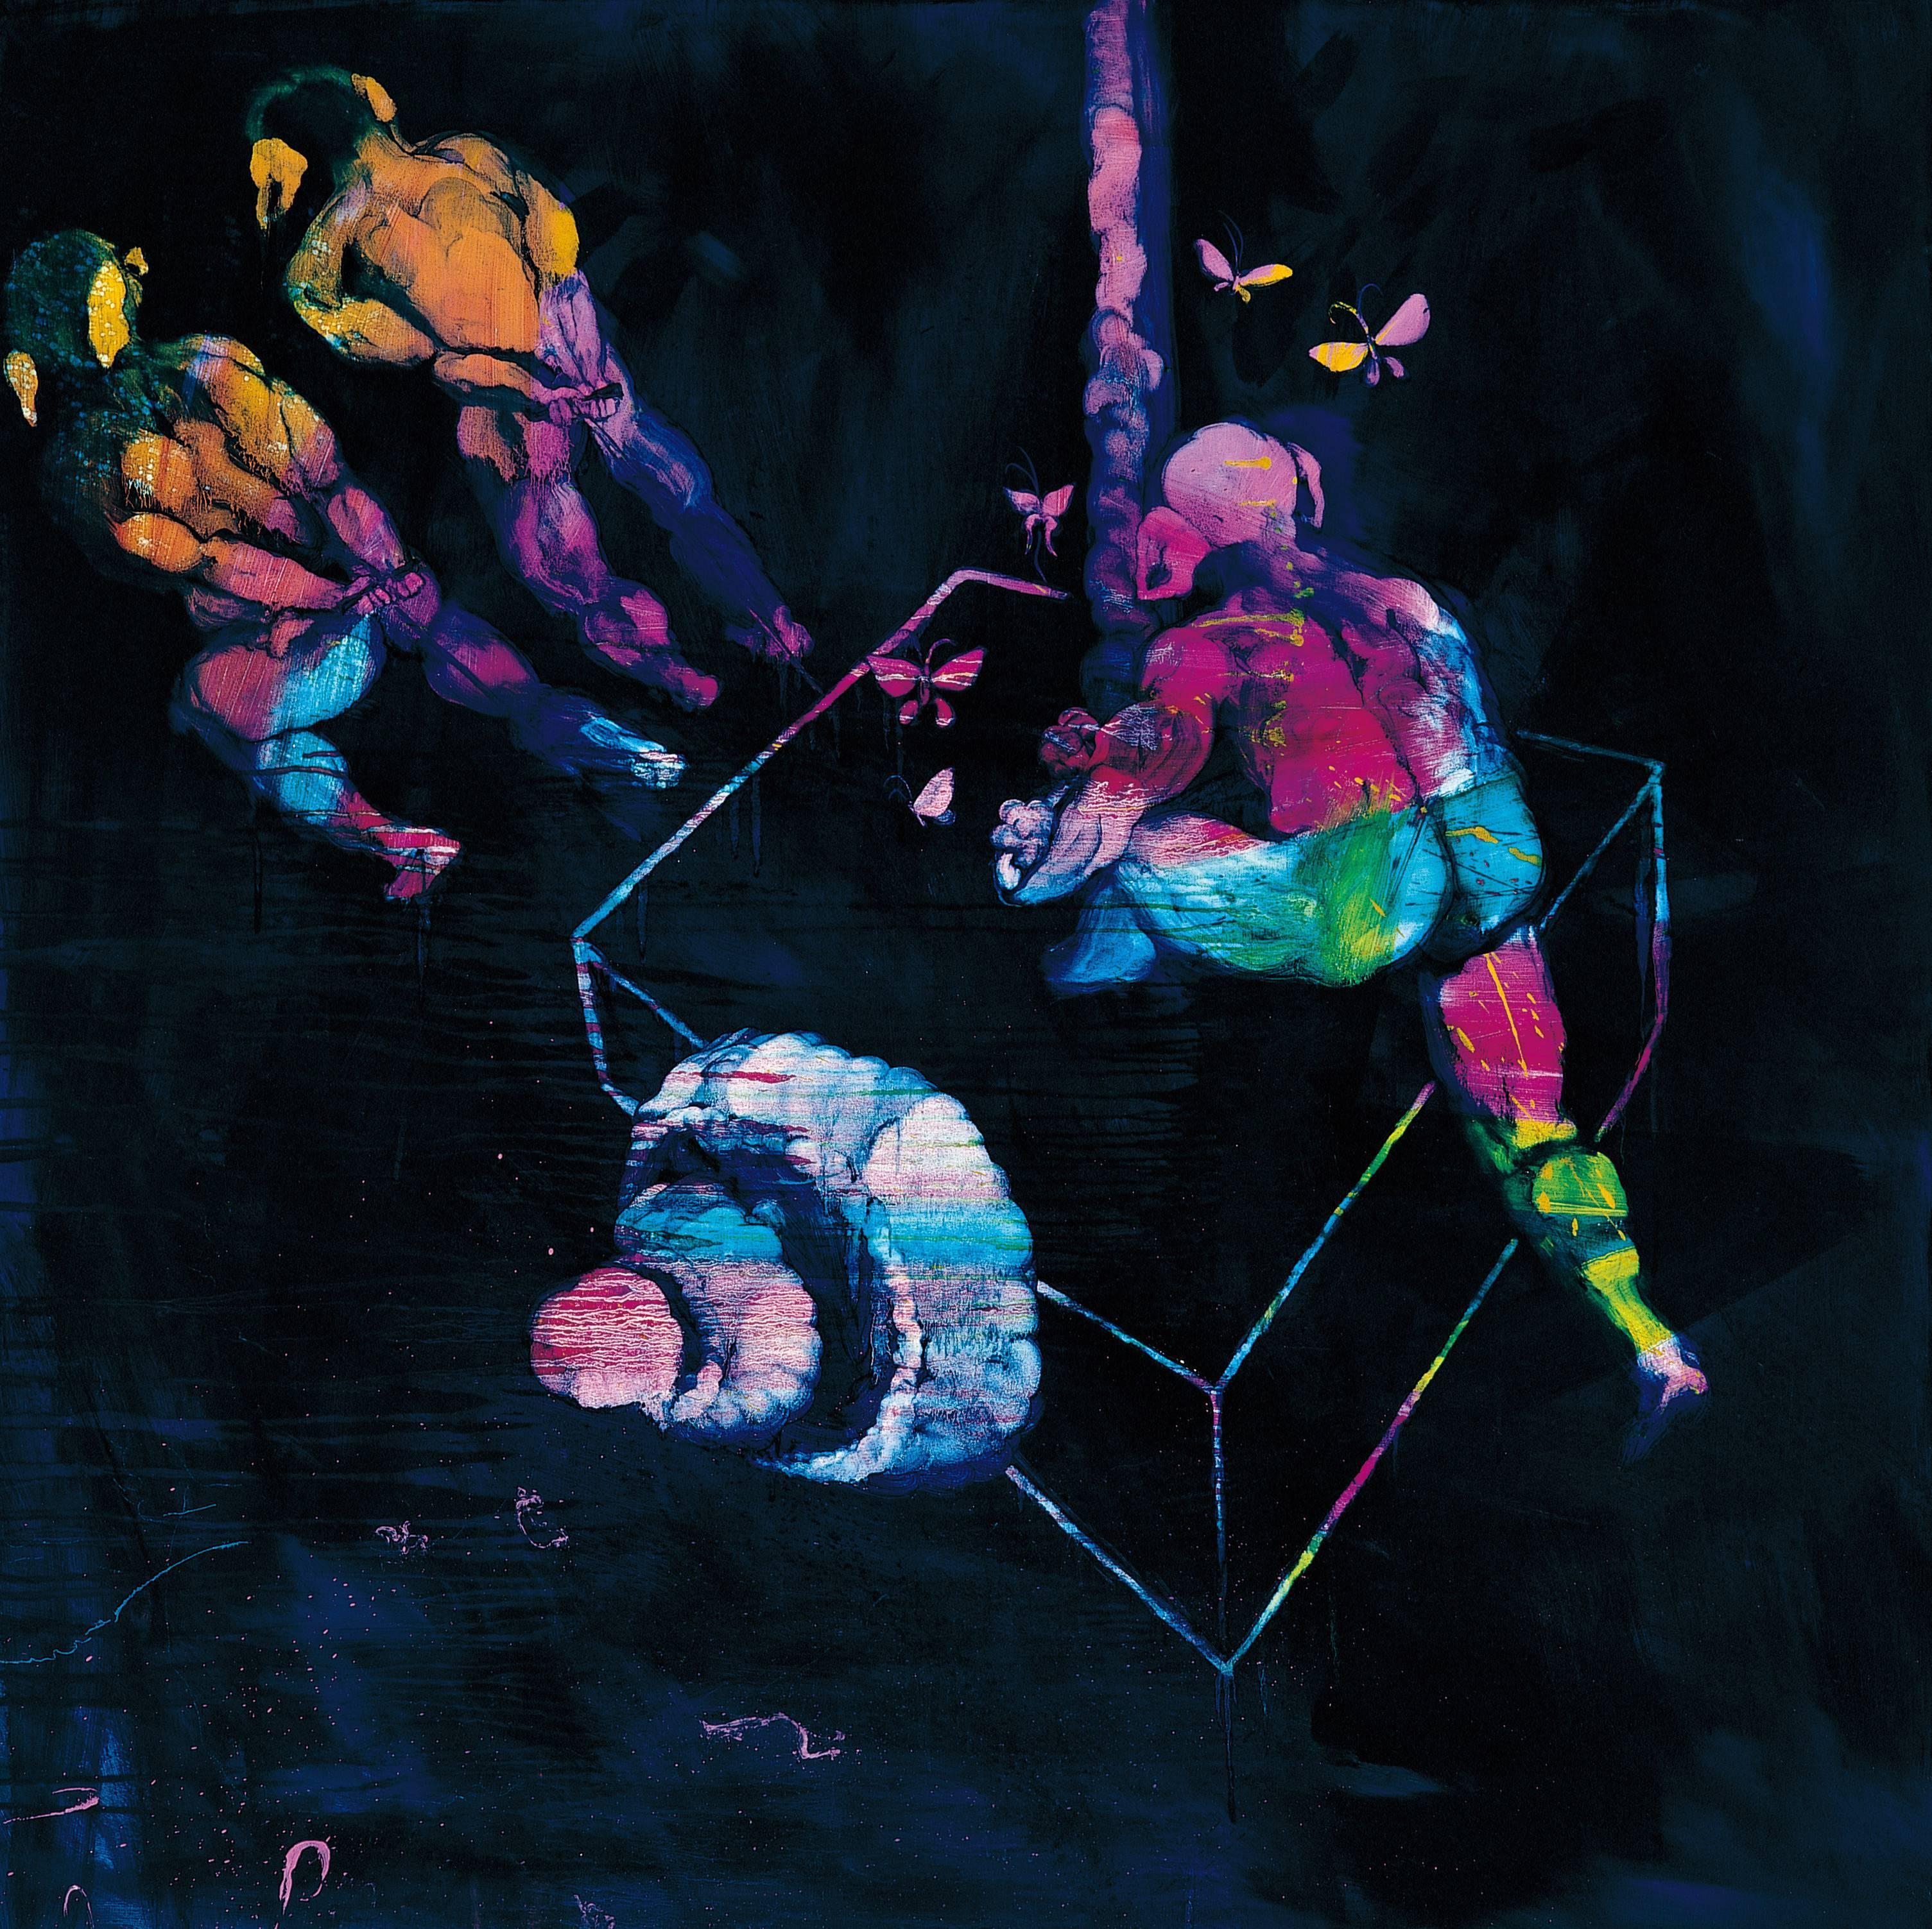 常陵|五花肉系列-肉都市工作中的豬鼻子|2008|油彩|130x130cm